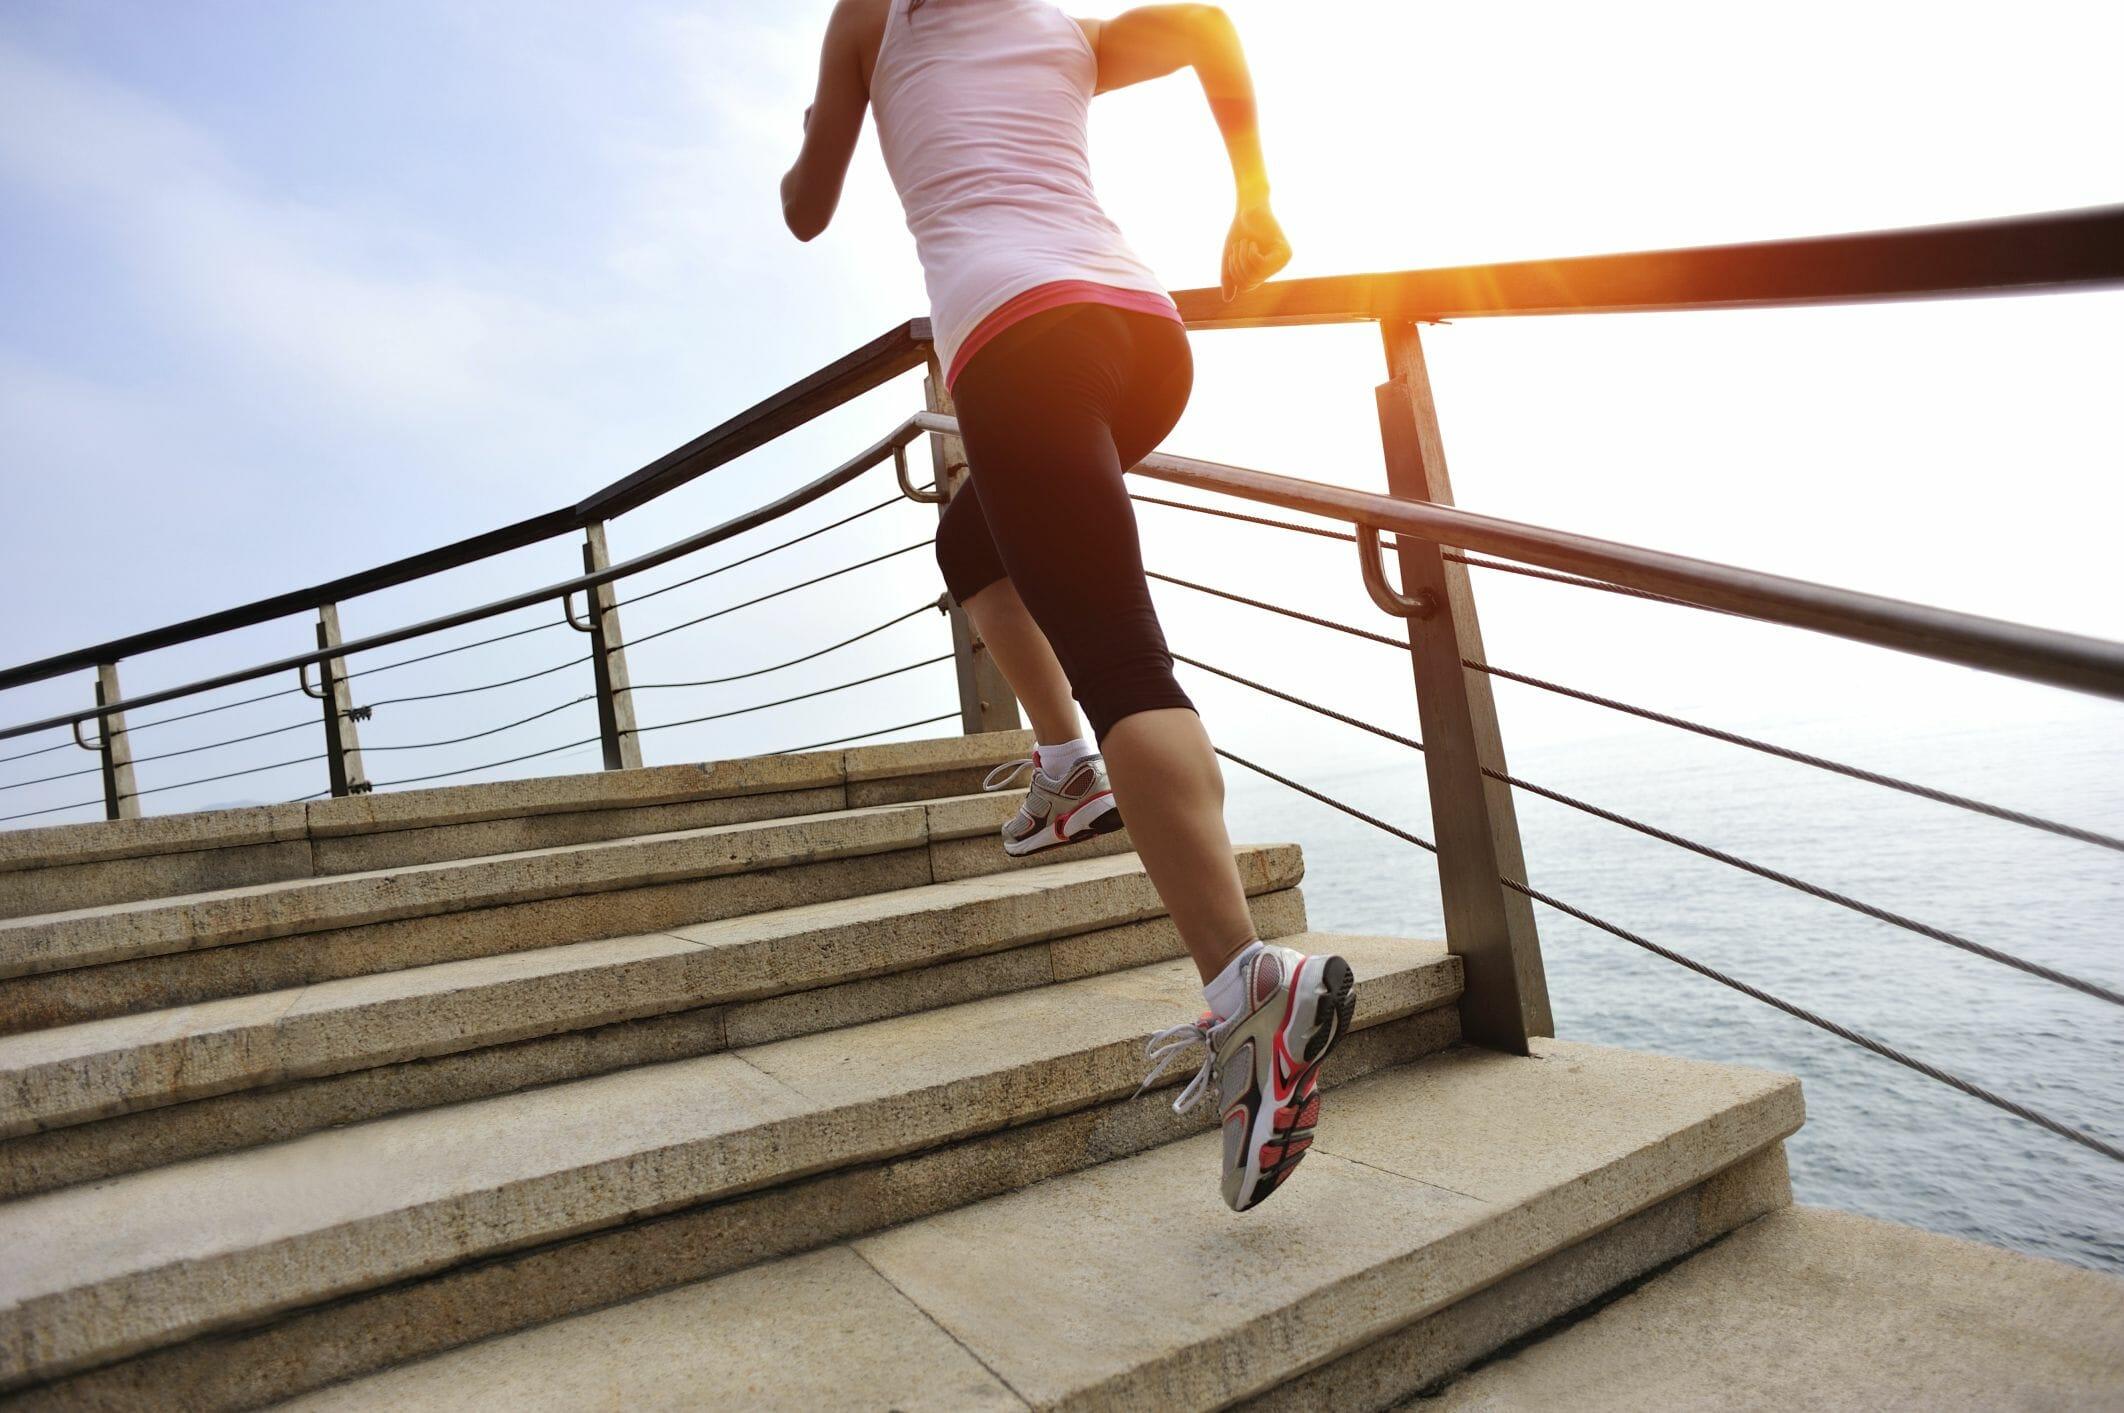 pasos para alcanzar el própósito de vida